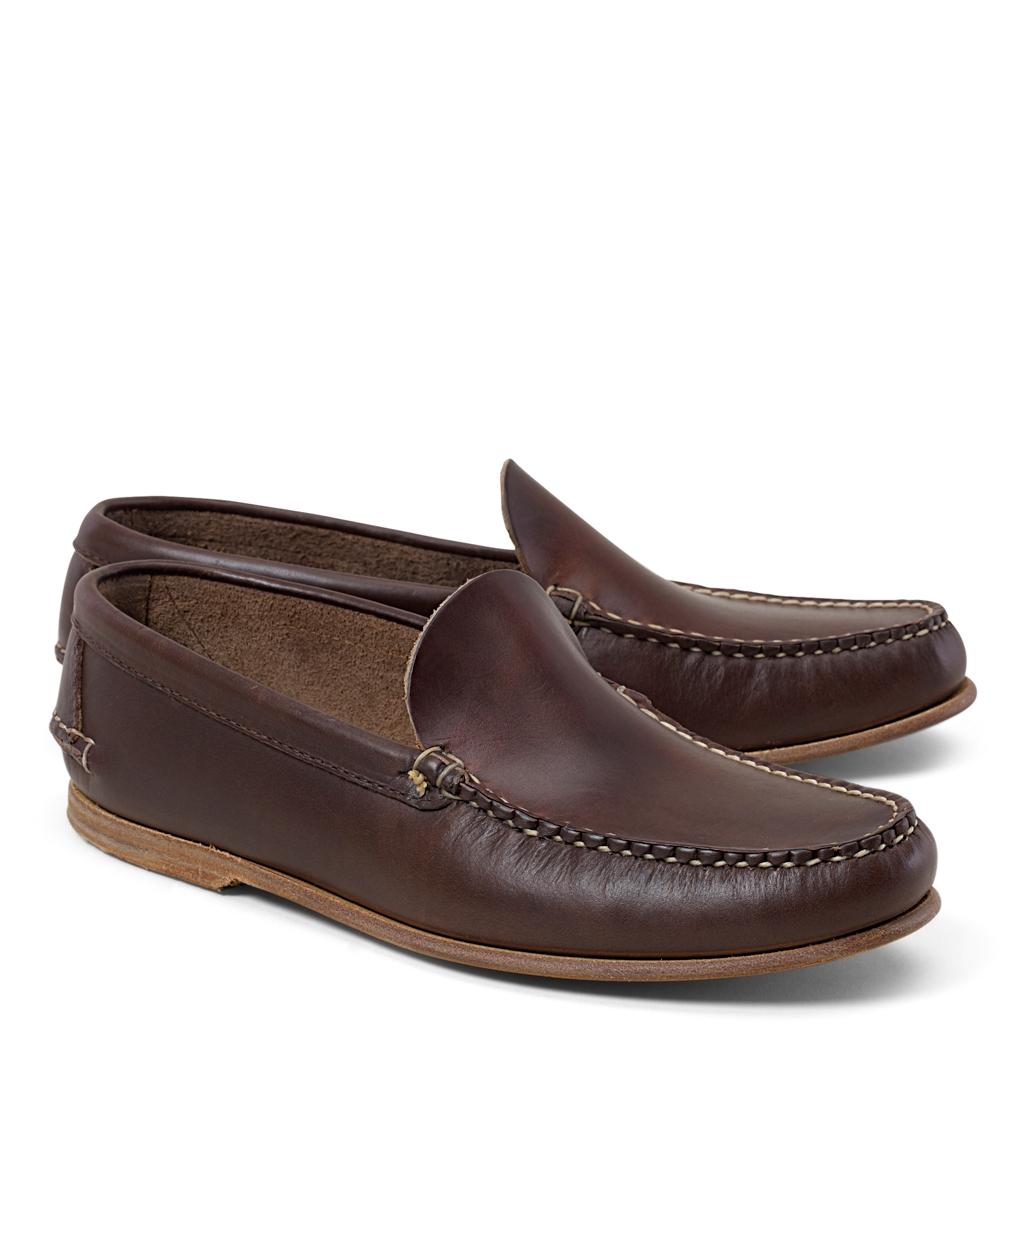 Rancourt Shoes Uk